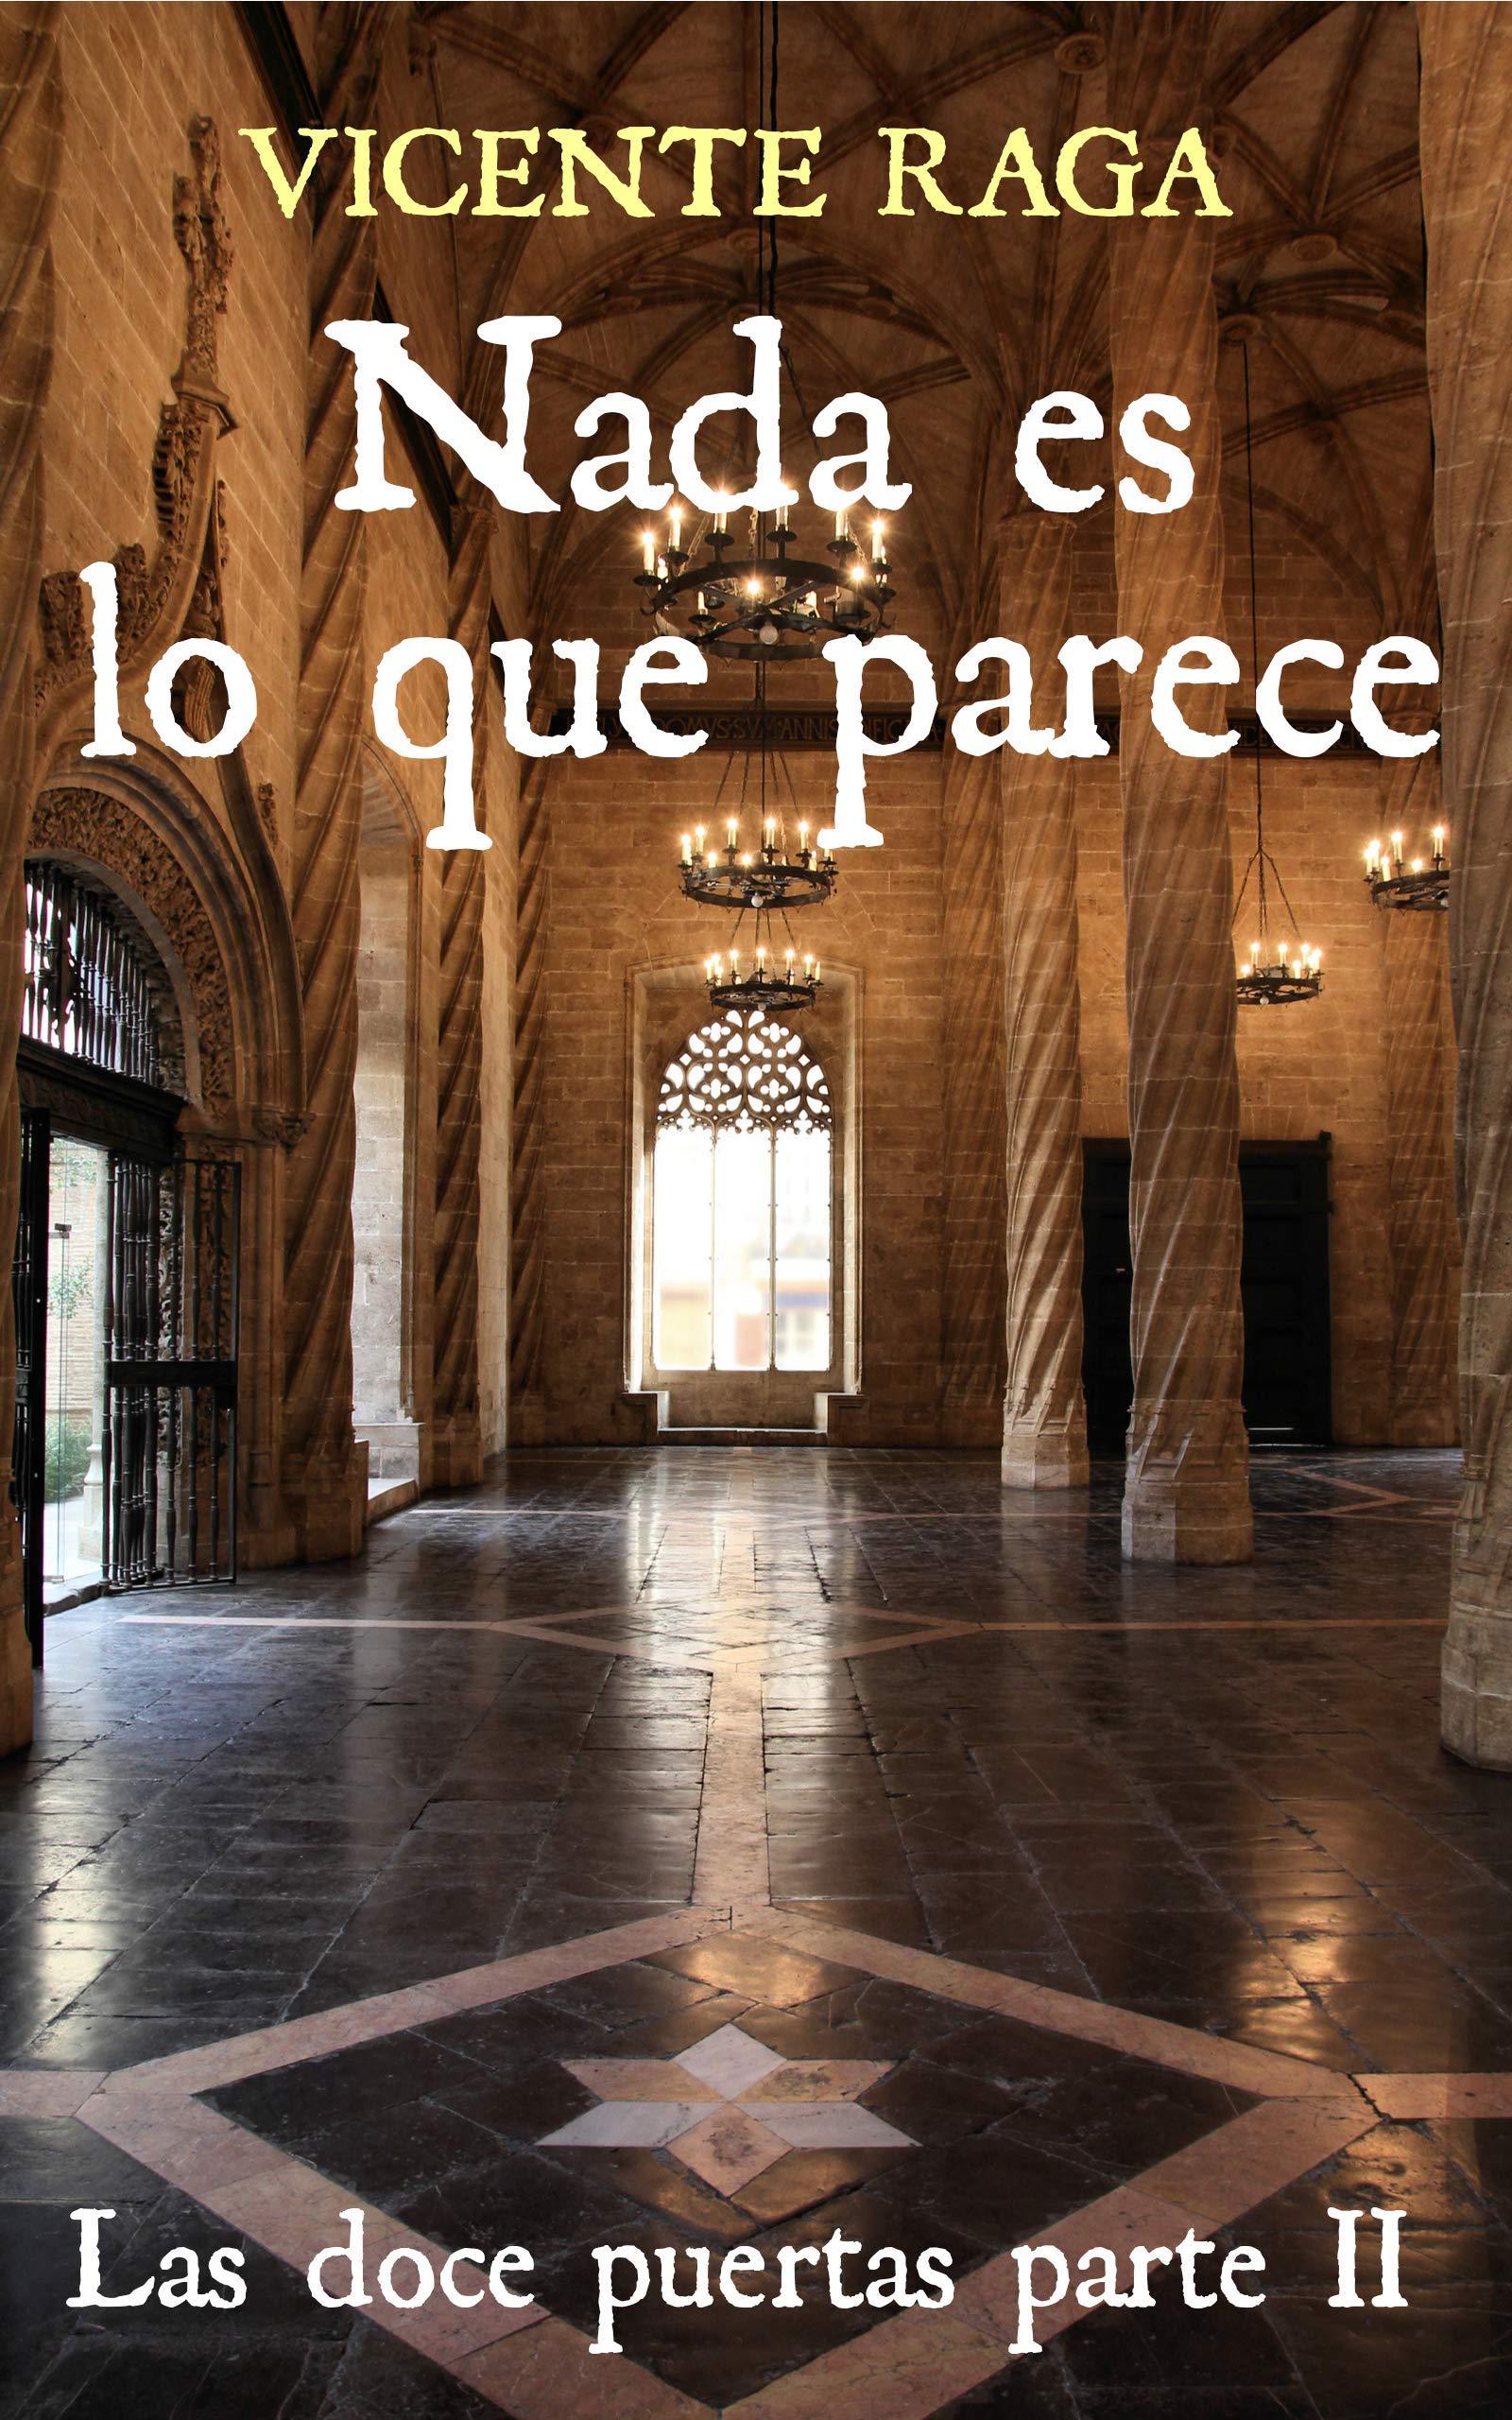 Nada es lo que parece: Las doce puertas parte II por Vicente Raga